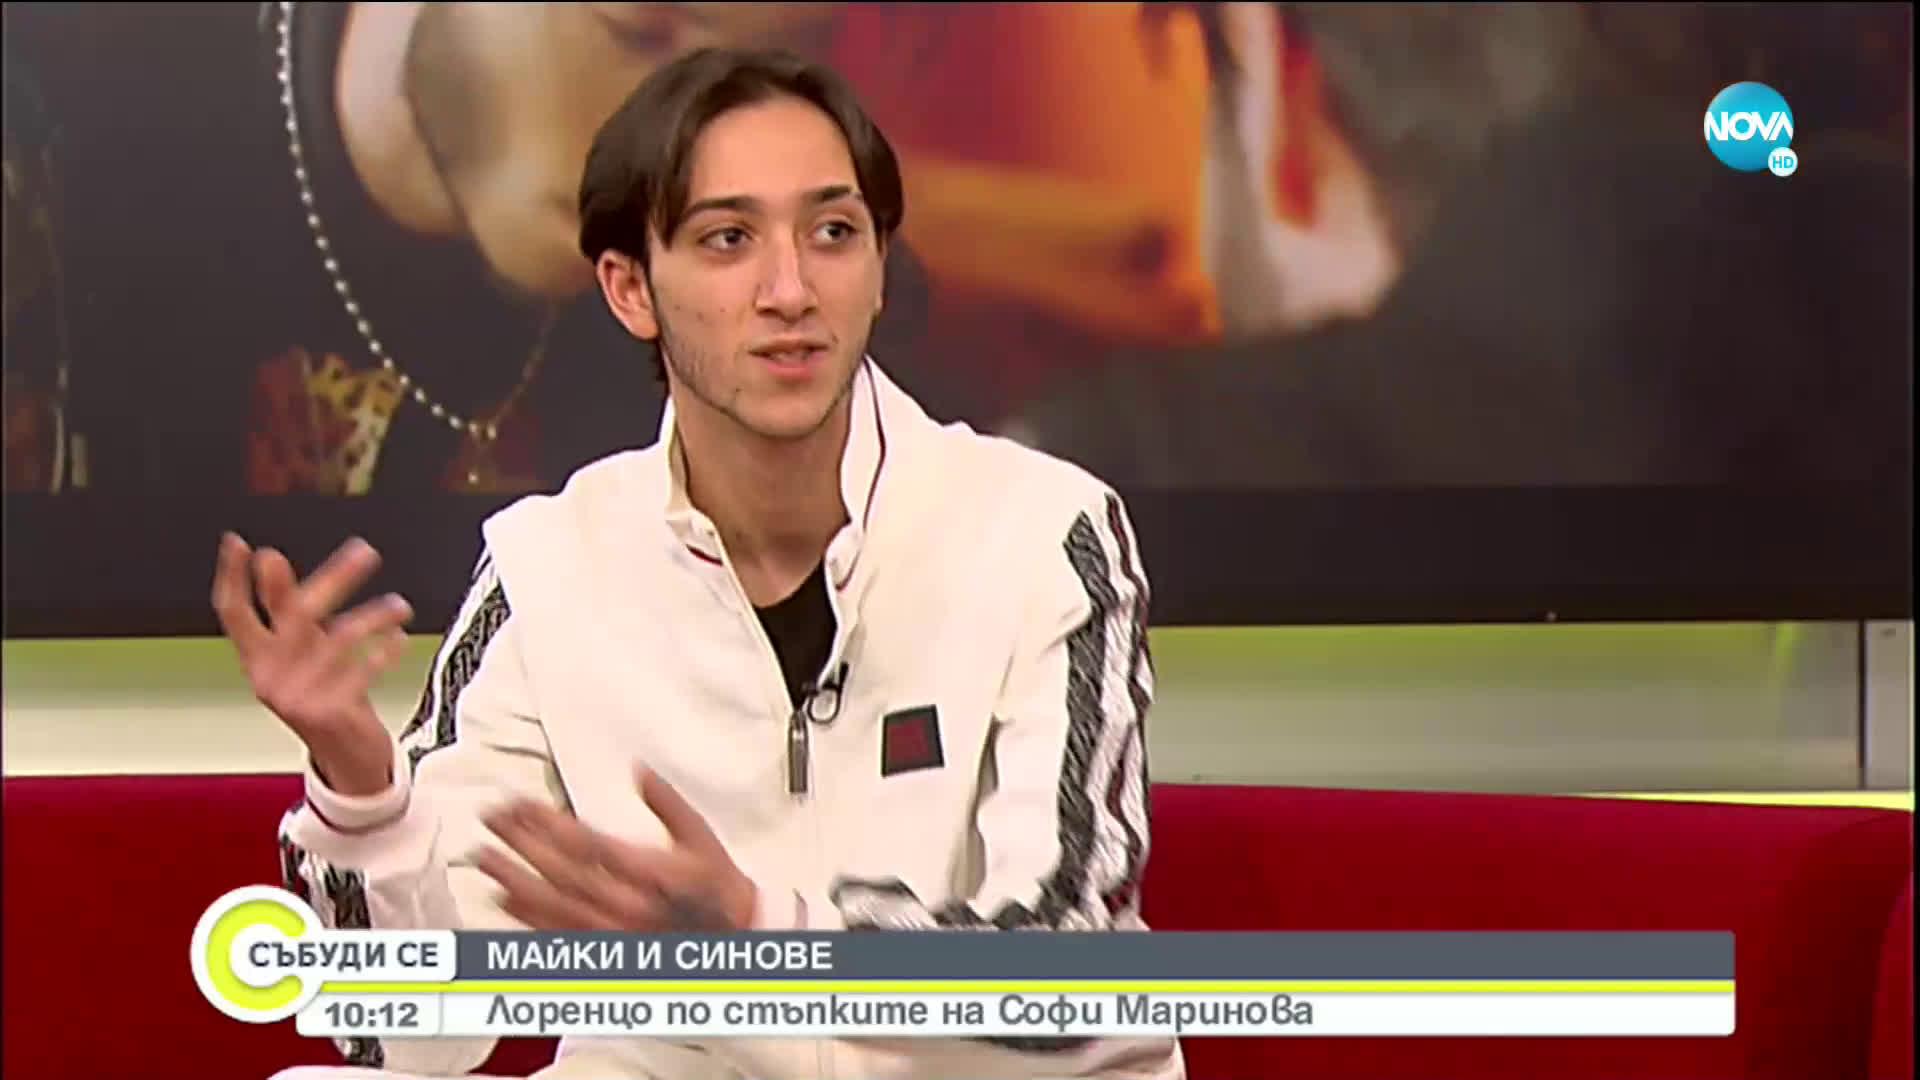 Синът на Софи Маринова с нова песен